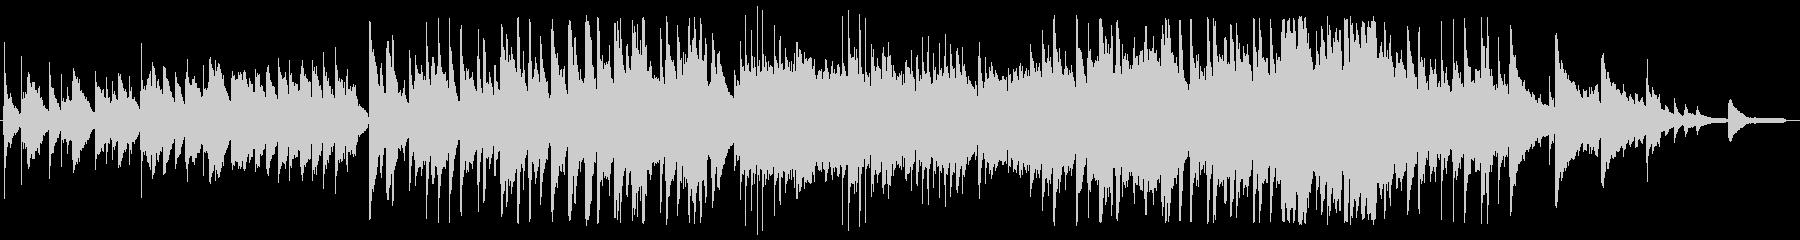 ノスタルジックでほのぼのしたBGMの未再生の波形